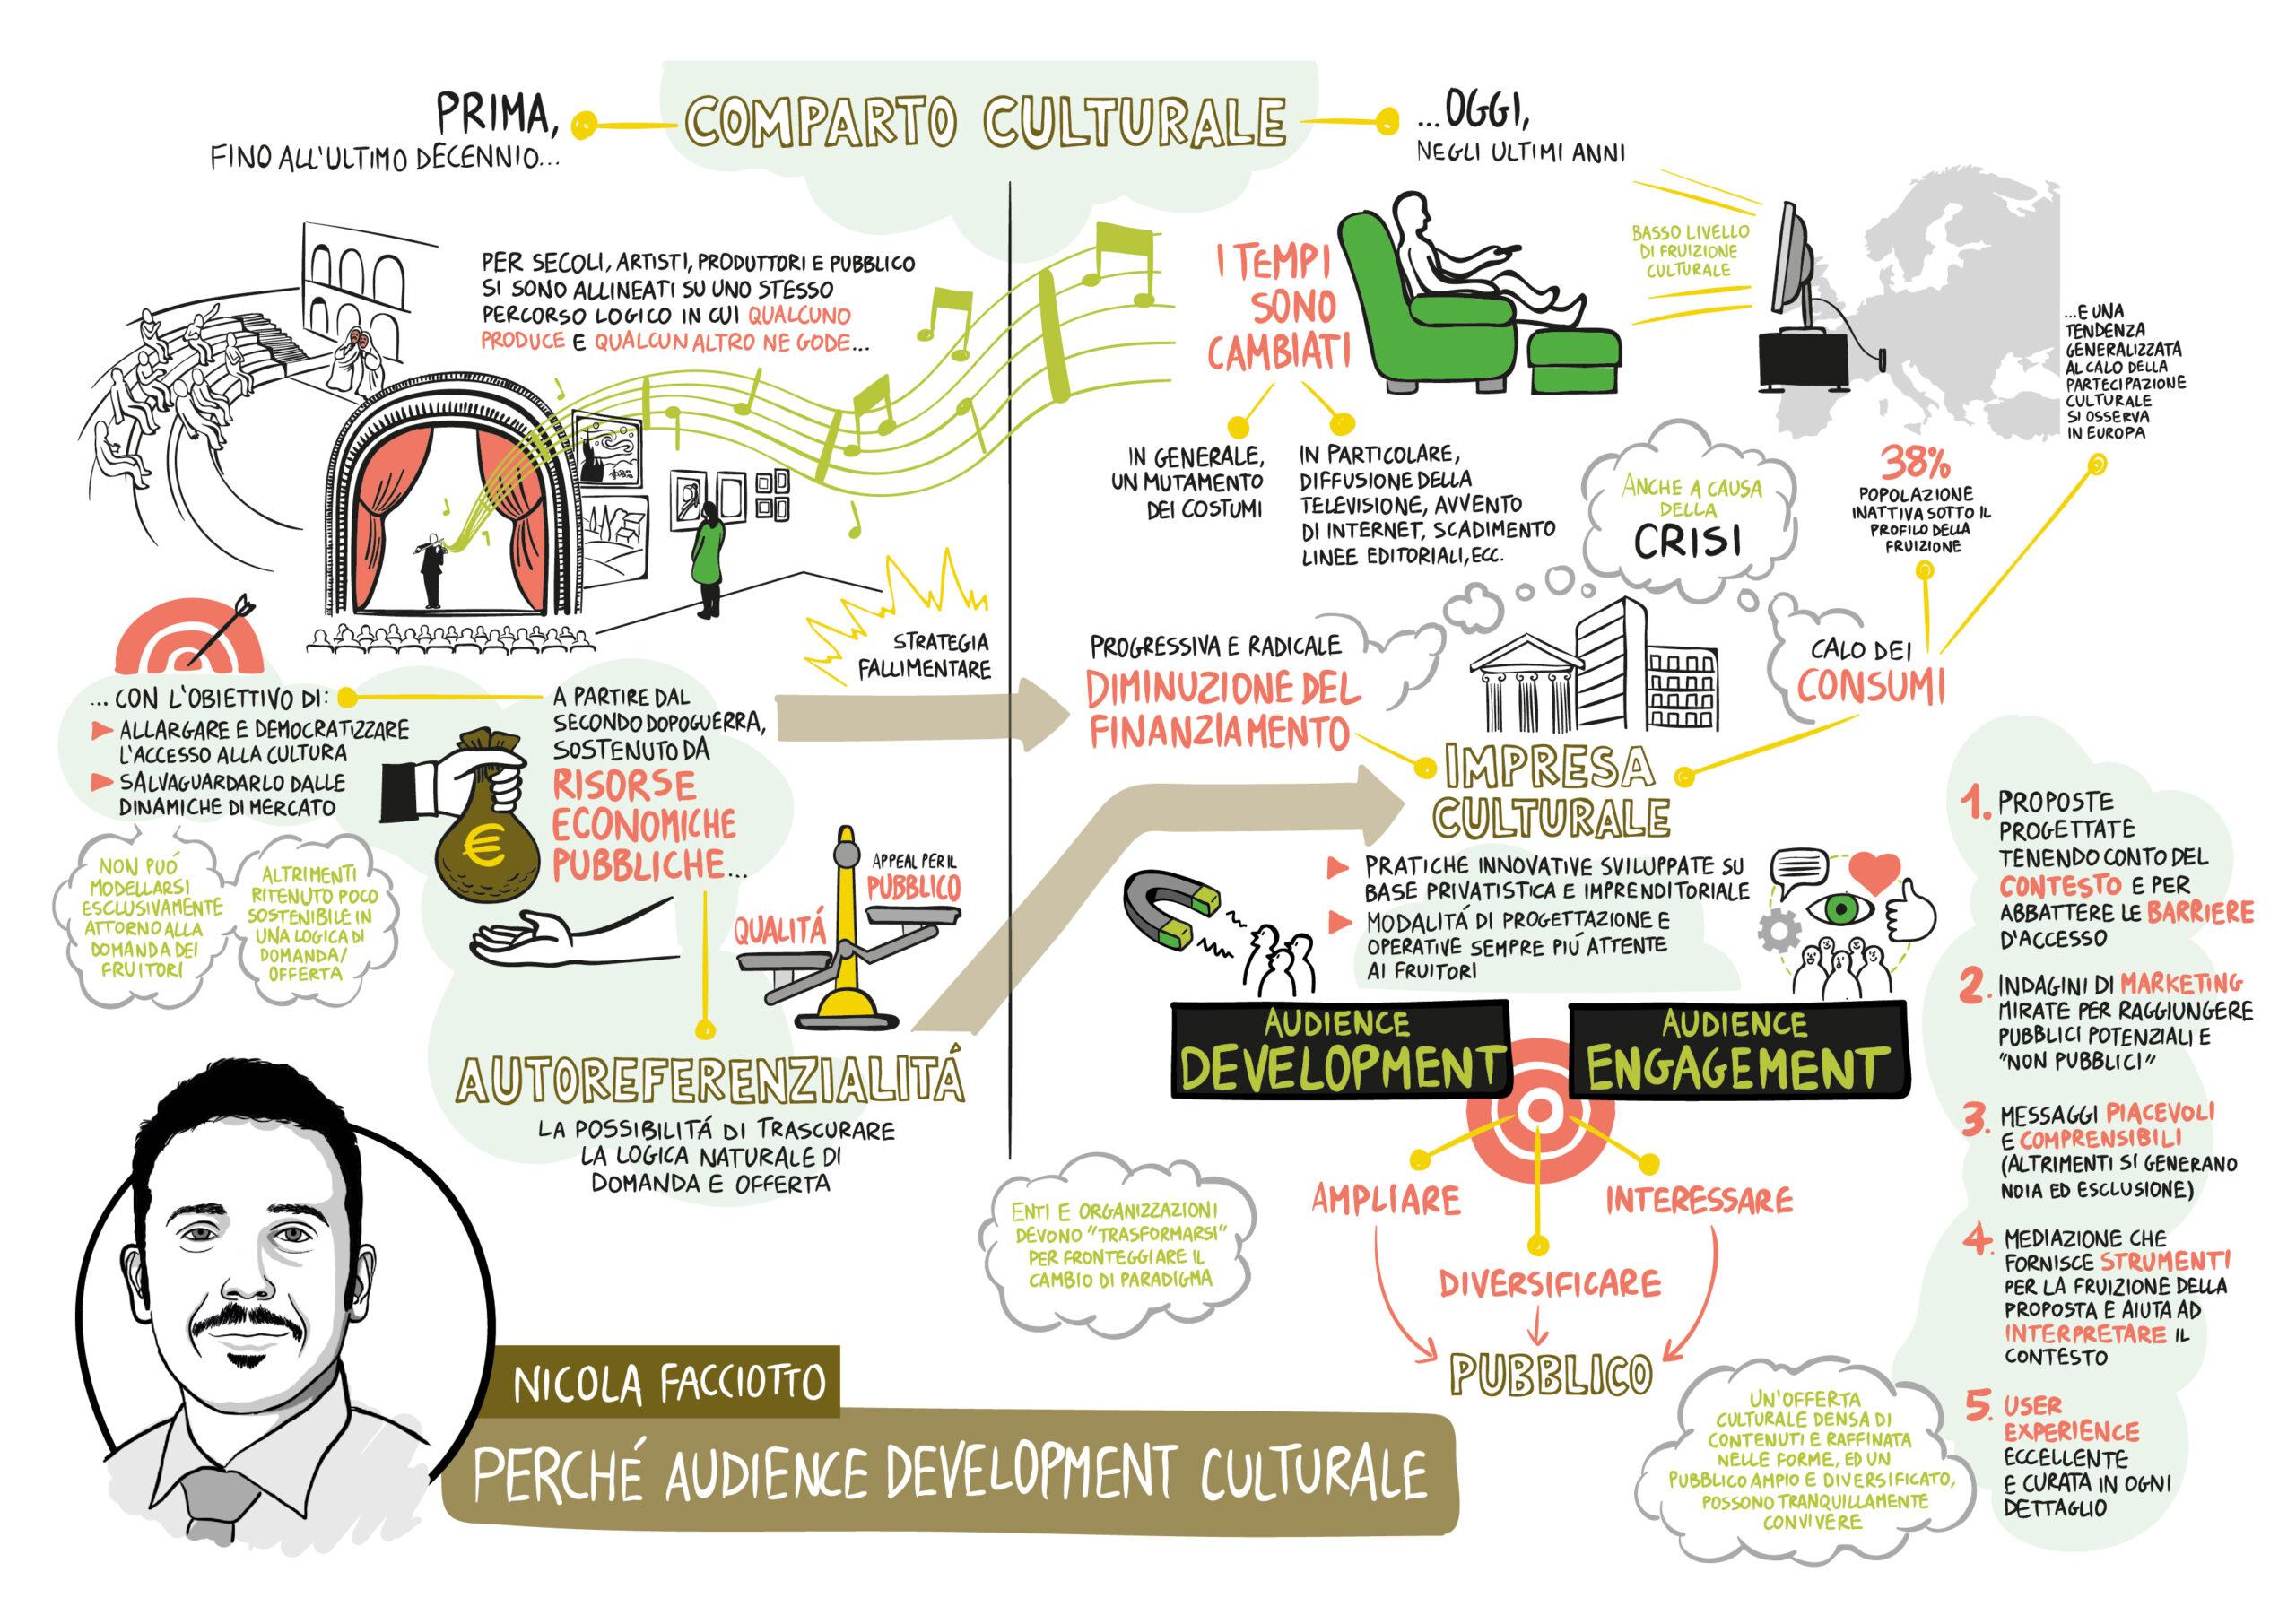 Perché audience development culturale